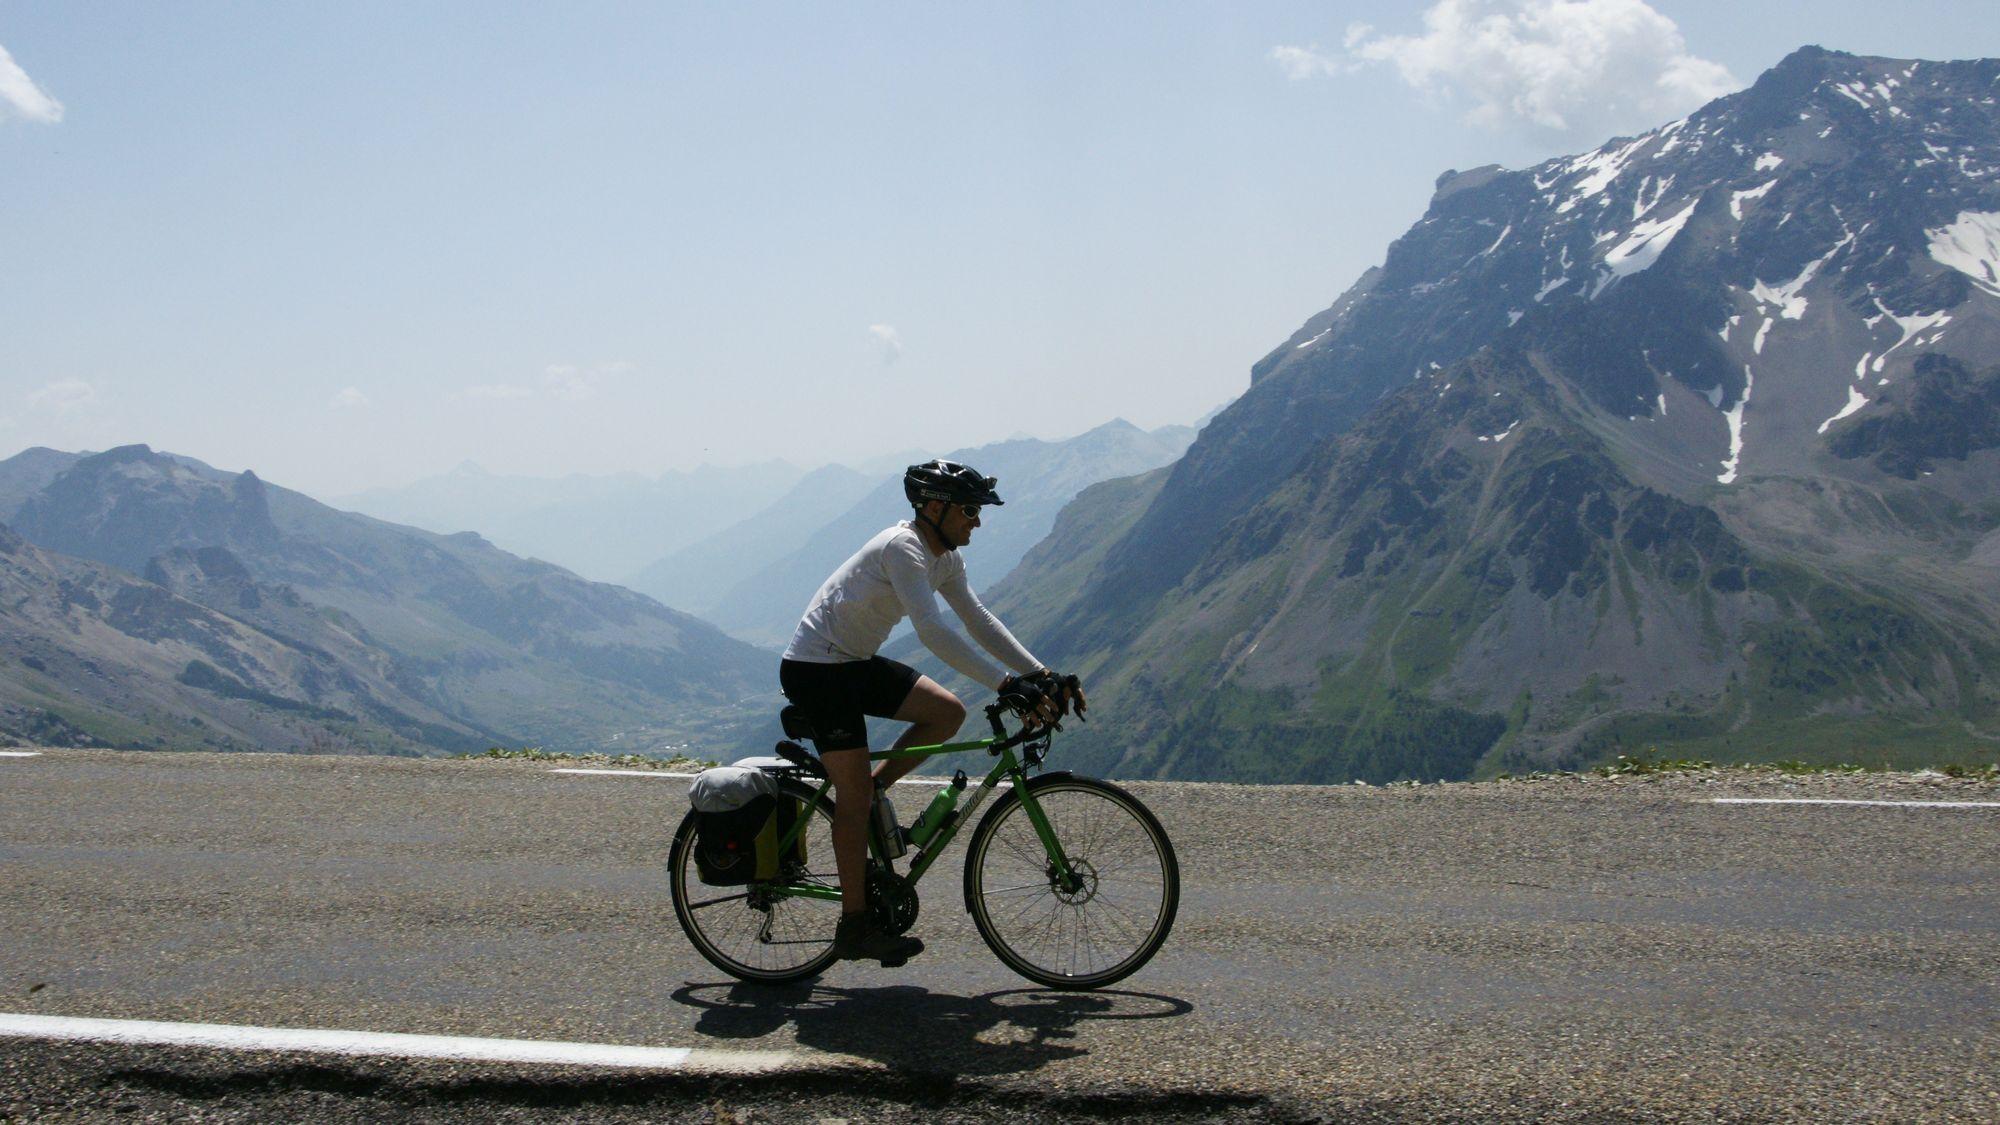 Fabian auf seinem INTEC Reiserad ganz relaxed auf der Abfahrt